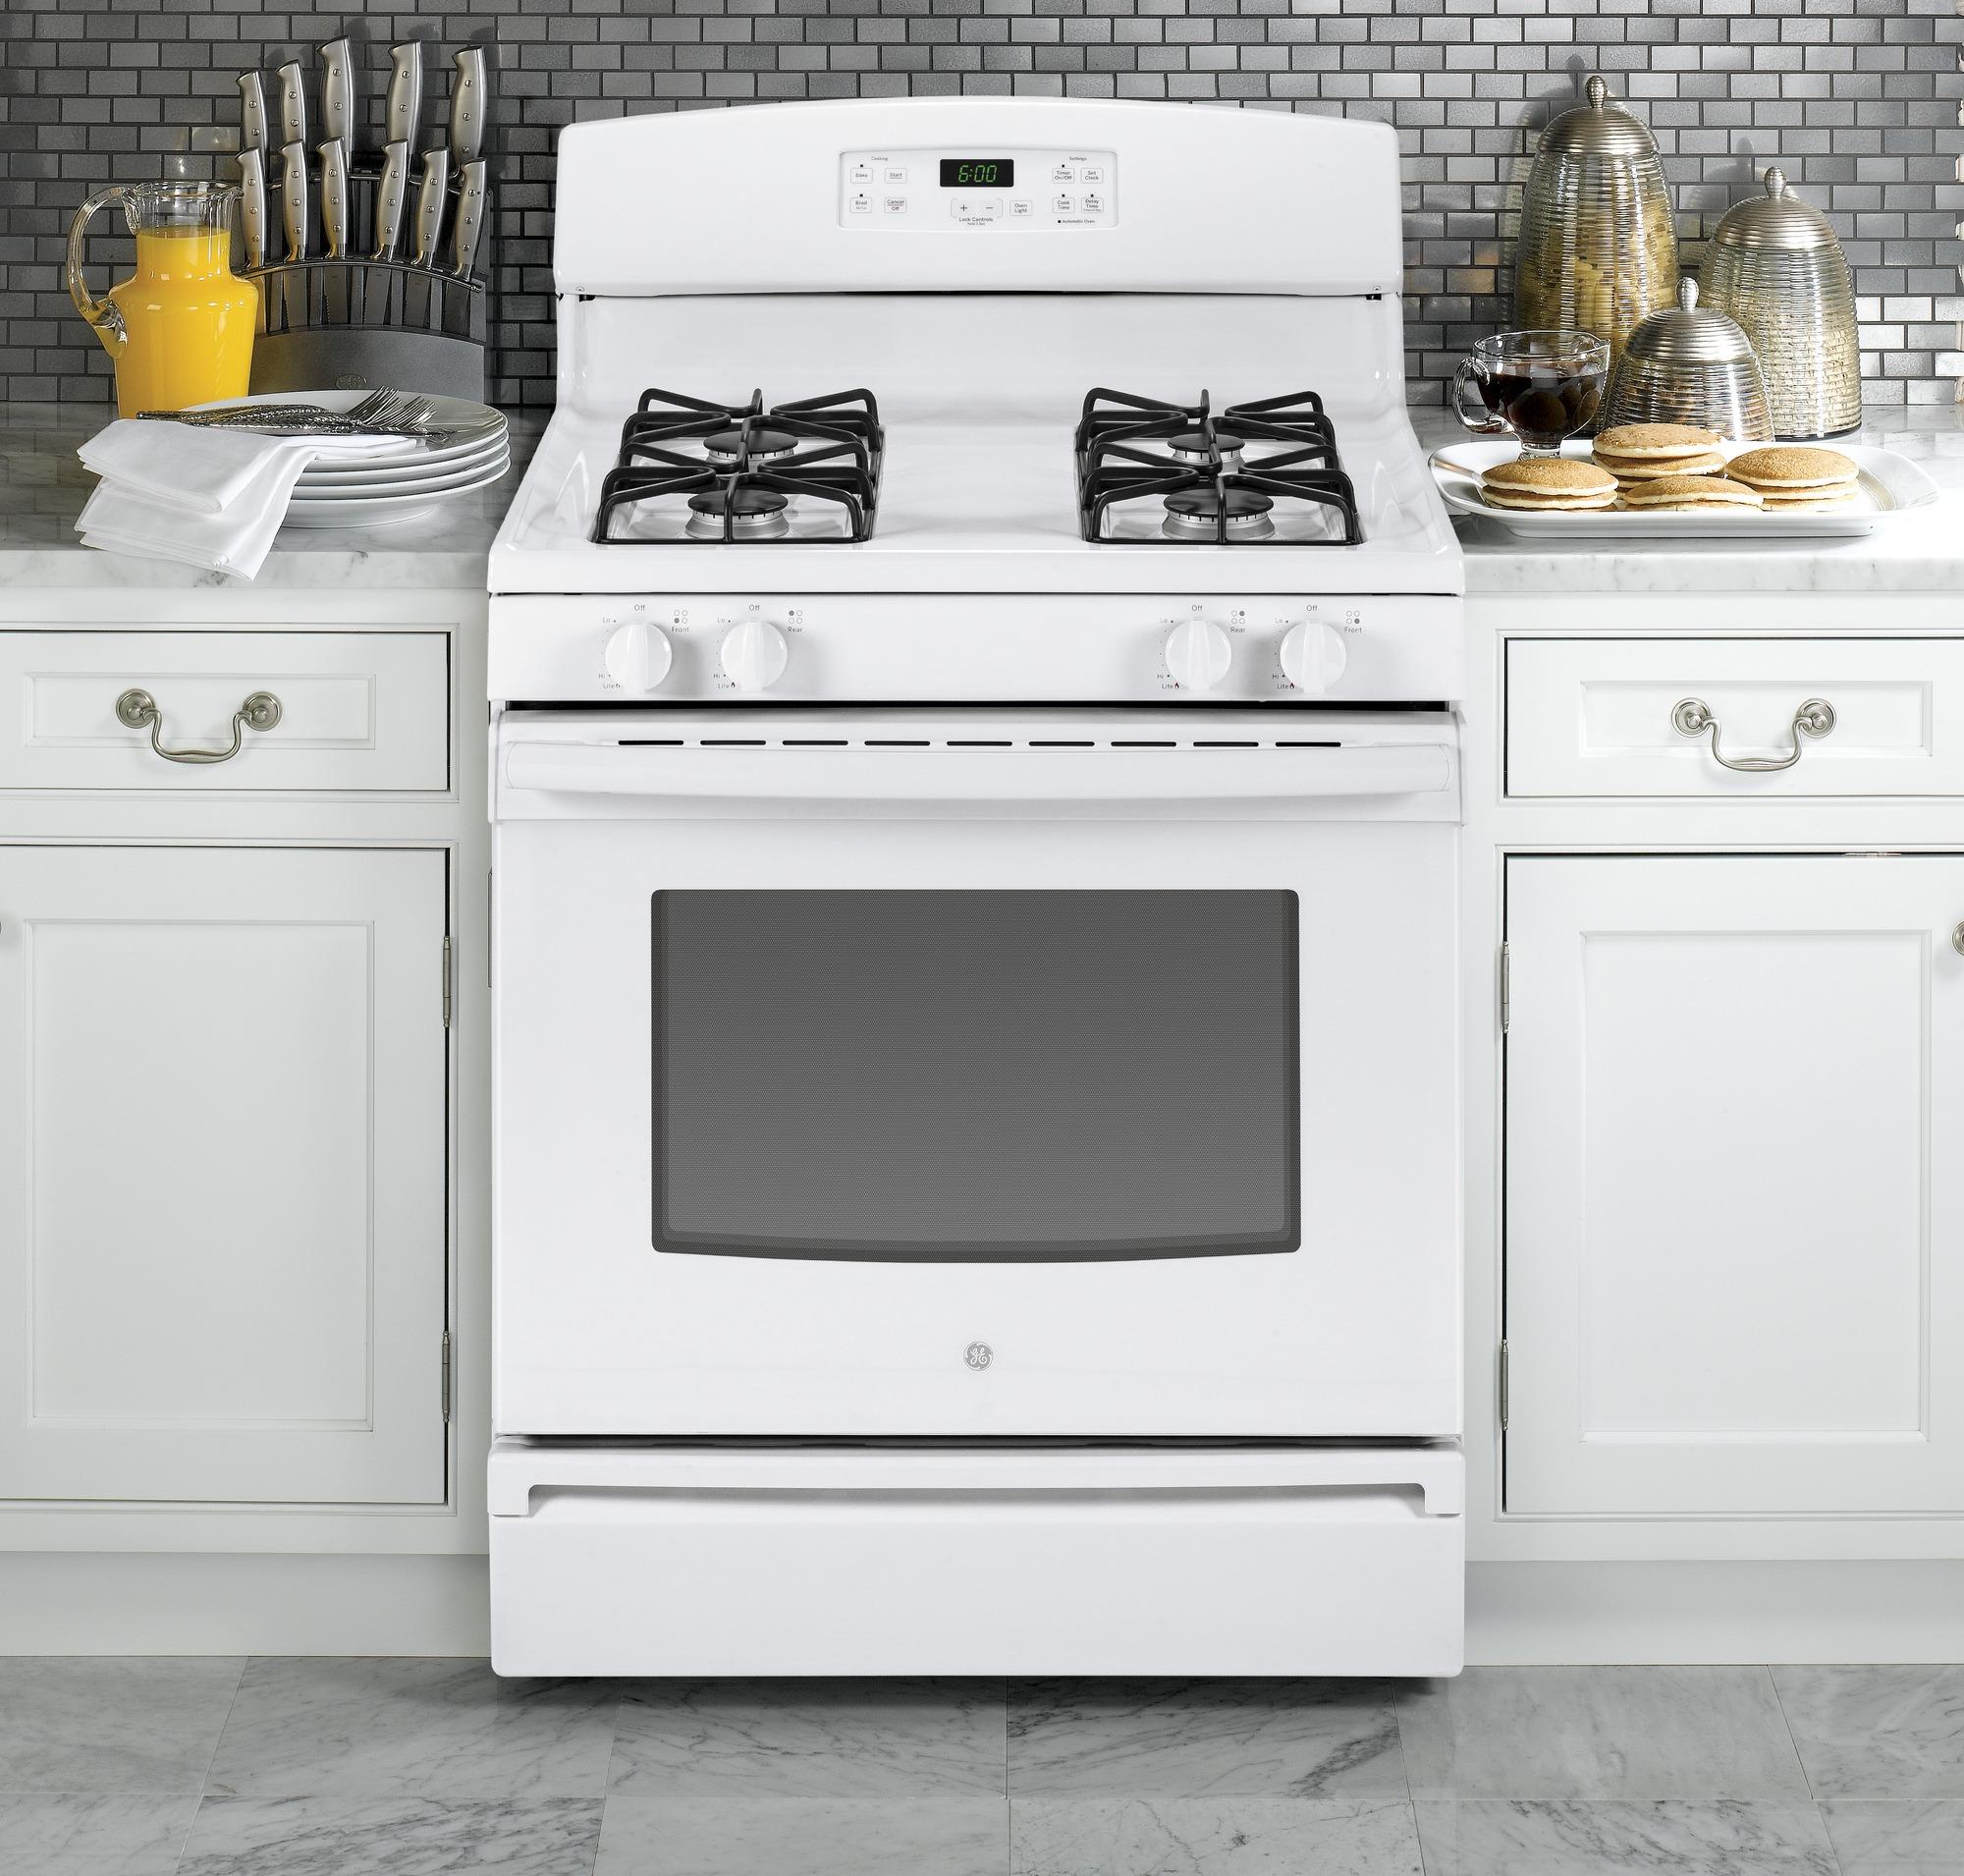 GE Appliances JGBS60DEFWW 4.8 cu. ft. Gas Range - White